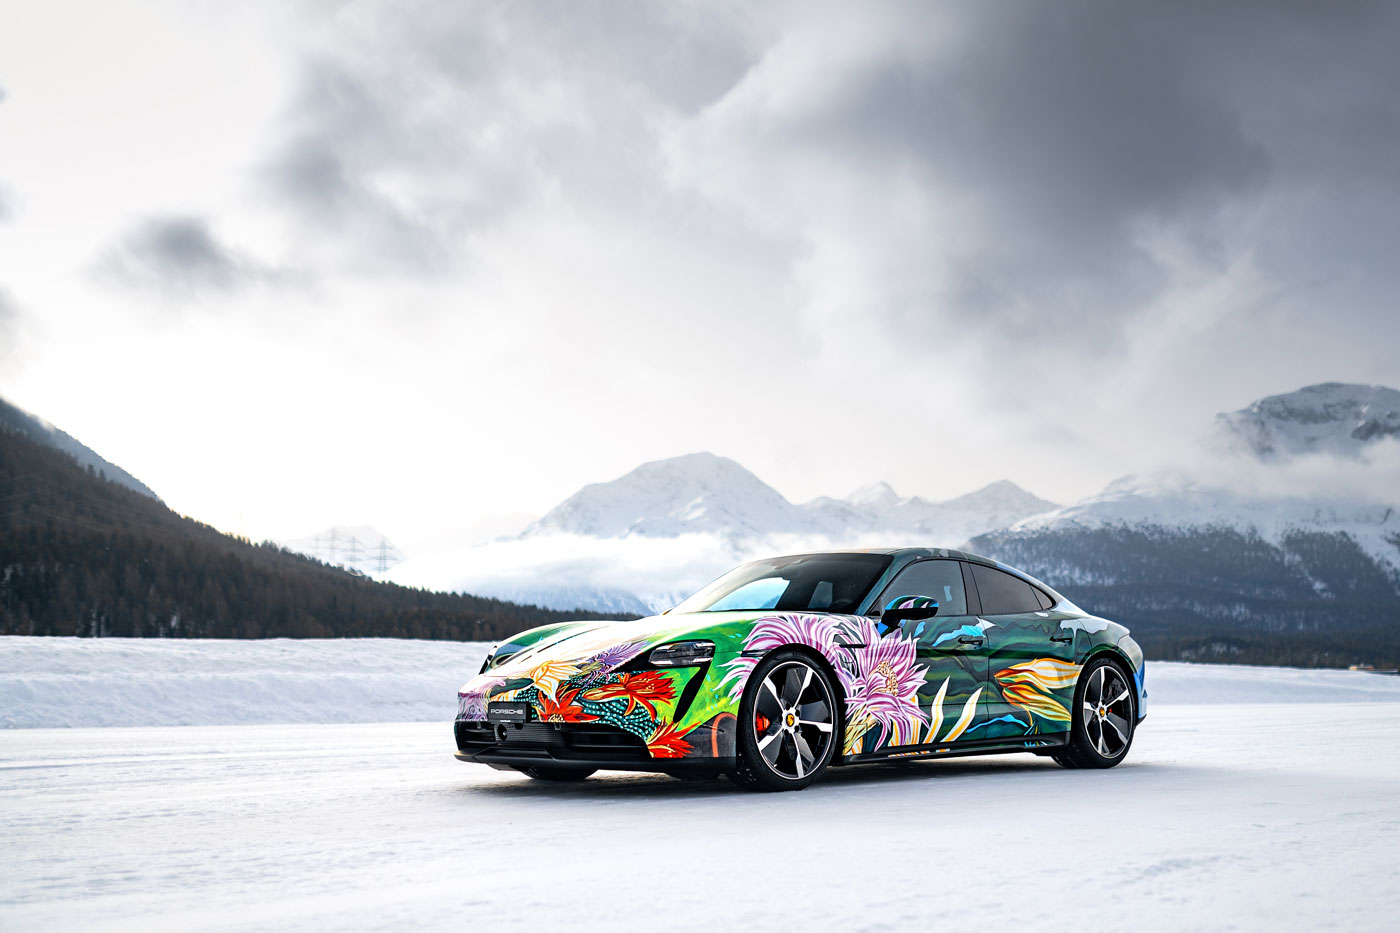 Porsche-Taycan-Art-Car-8